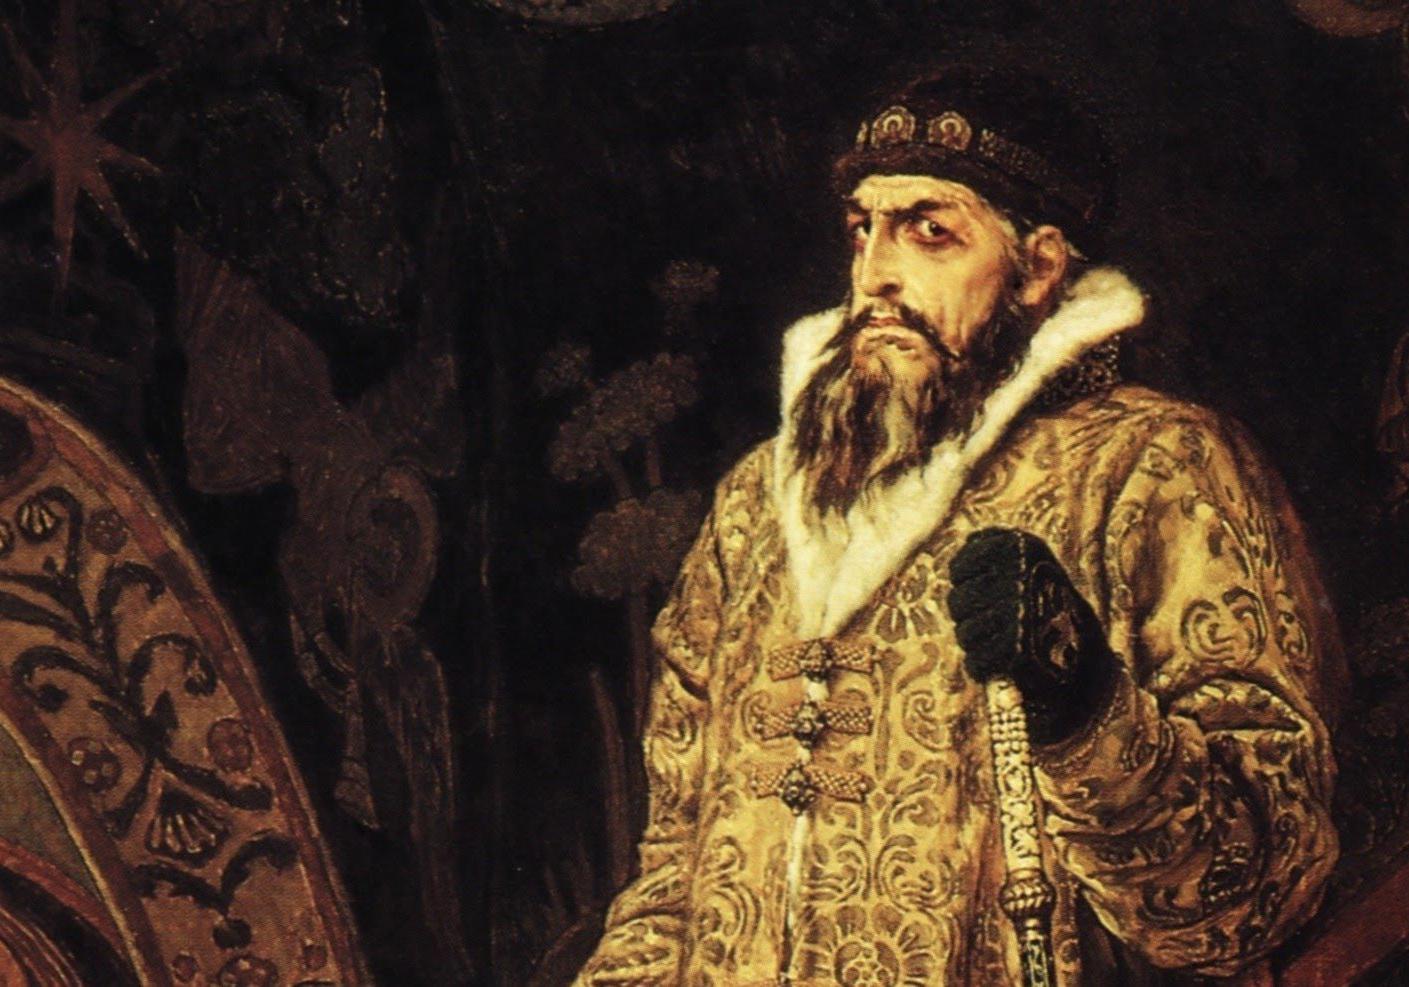 Фрагмент картины В. М. Васнецова «Царь Иван Грозный», 1897